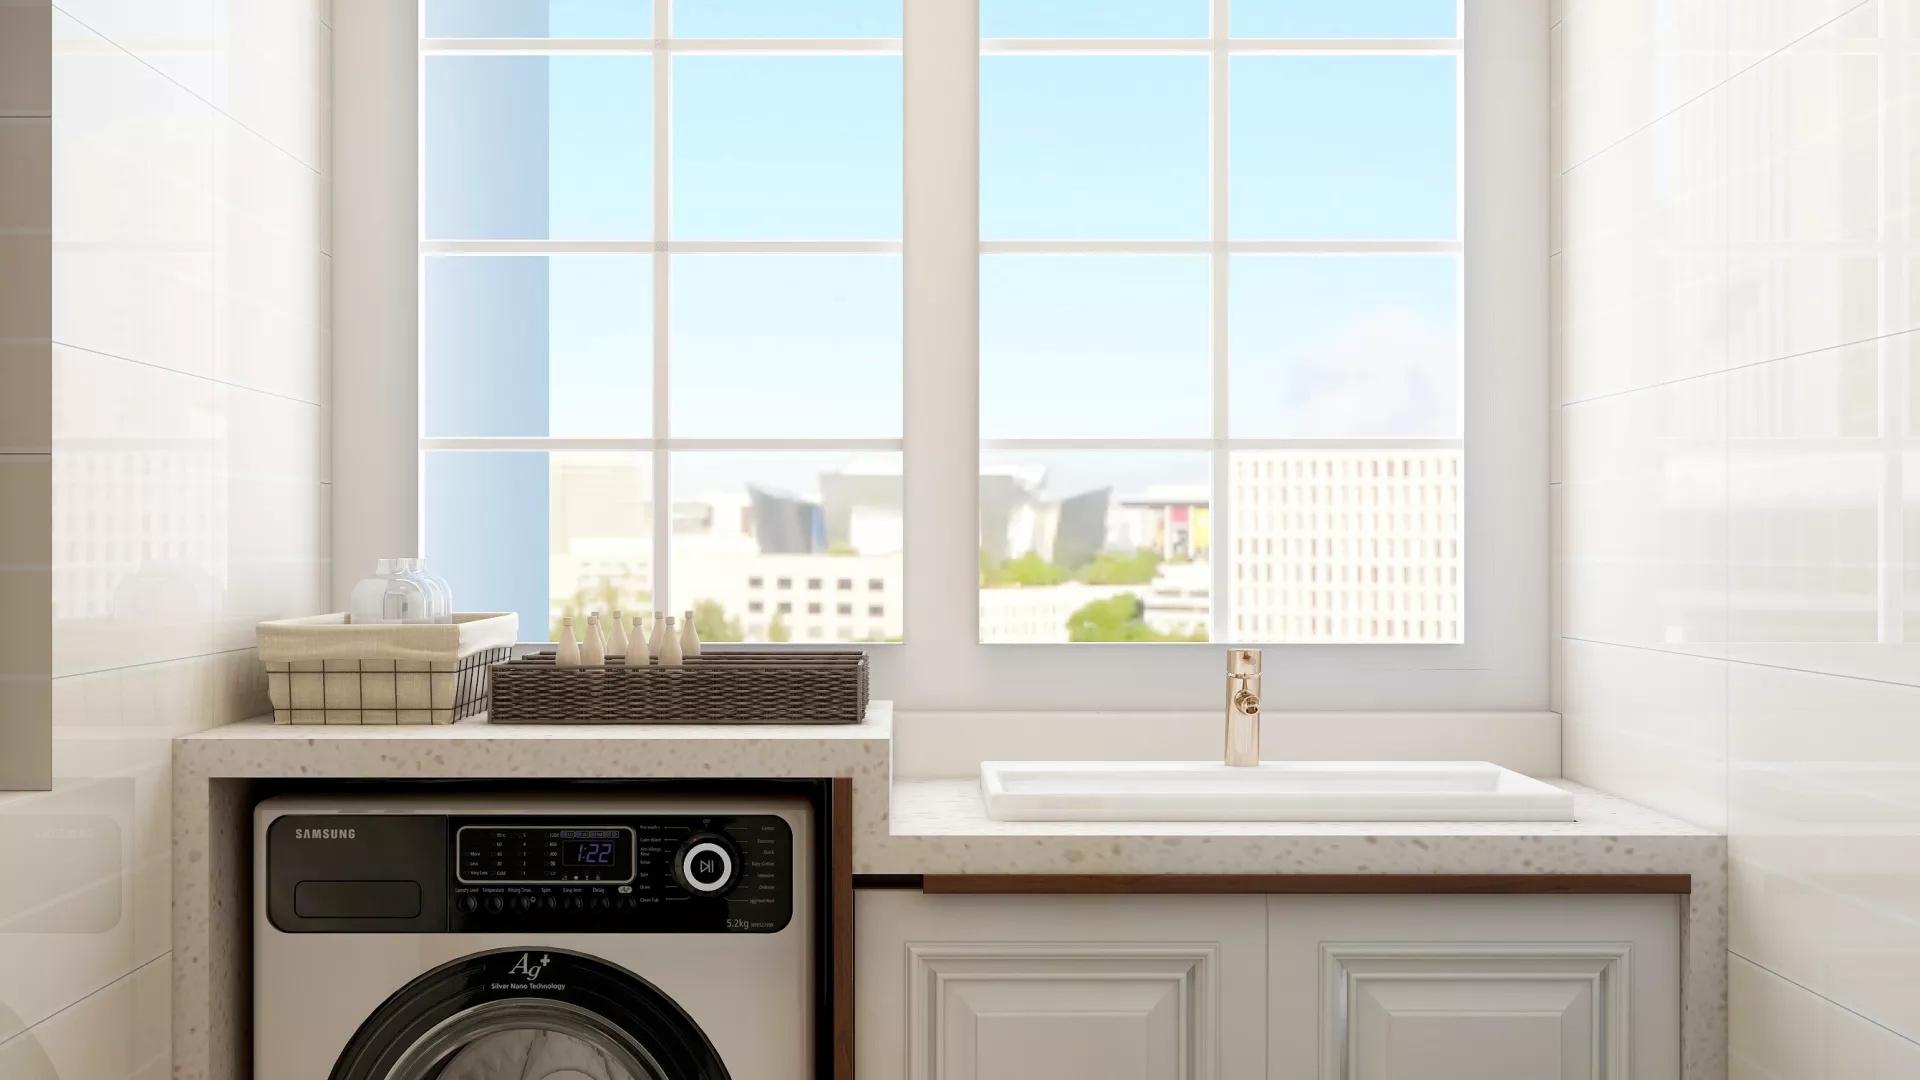 海尔洗衣机怎么样 海尔洗衣机的产品特点